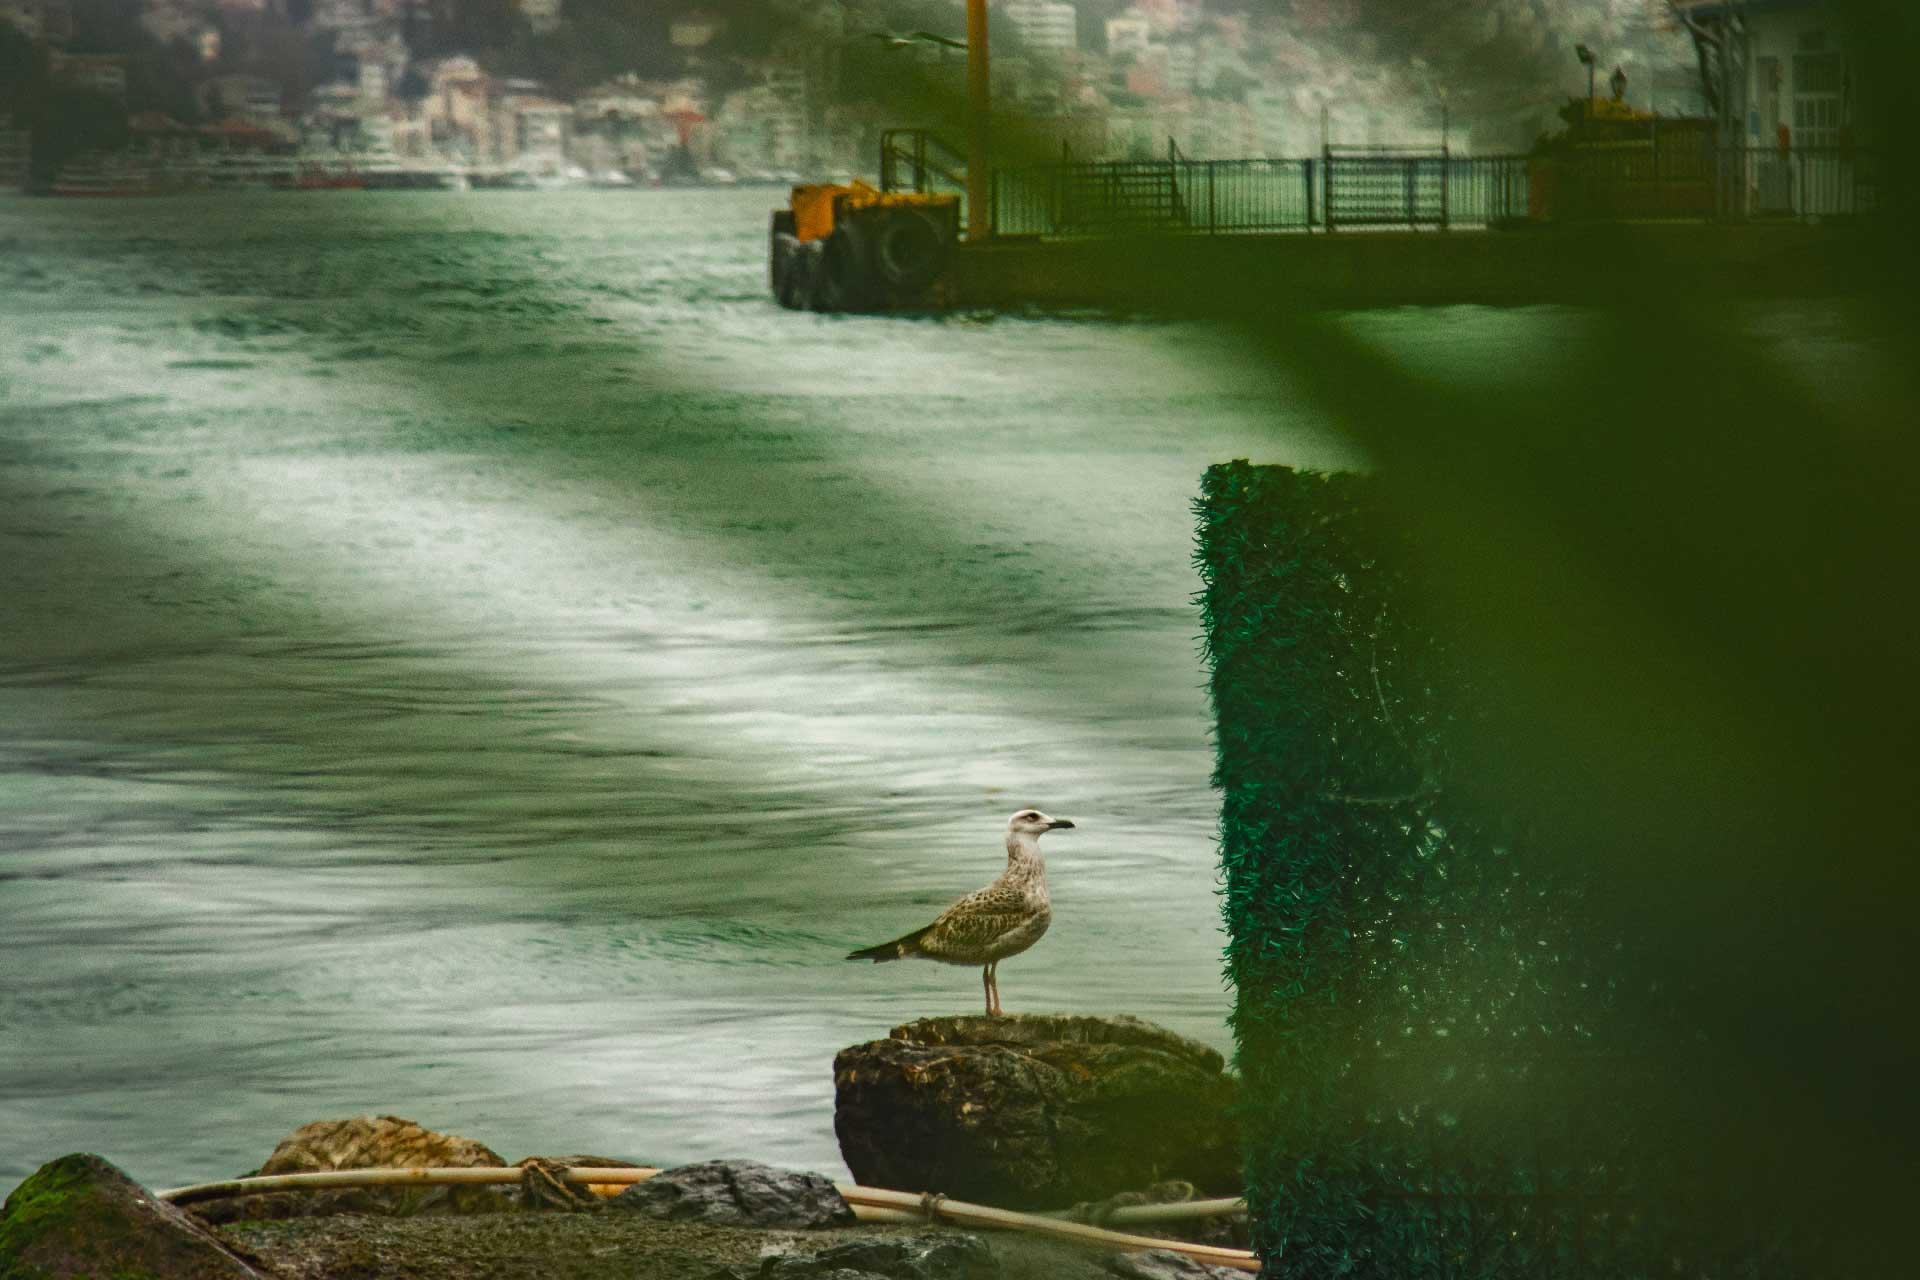 İstanbul Fotoğrafları Çekergezer Hakan Aydın Fotoğrafları www.cekergezer.com